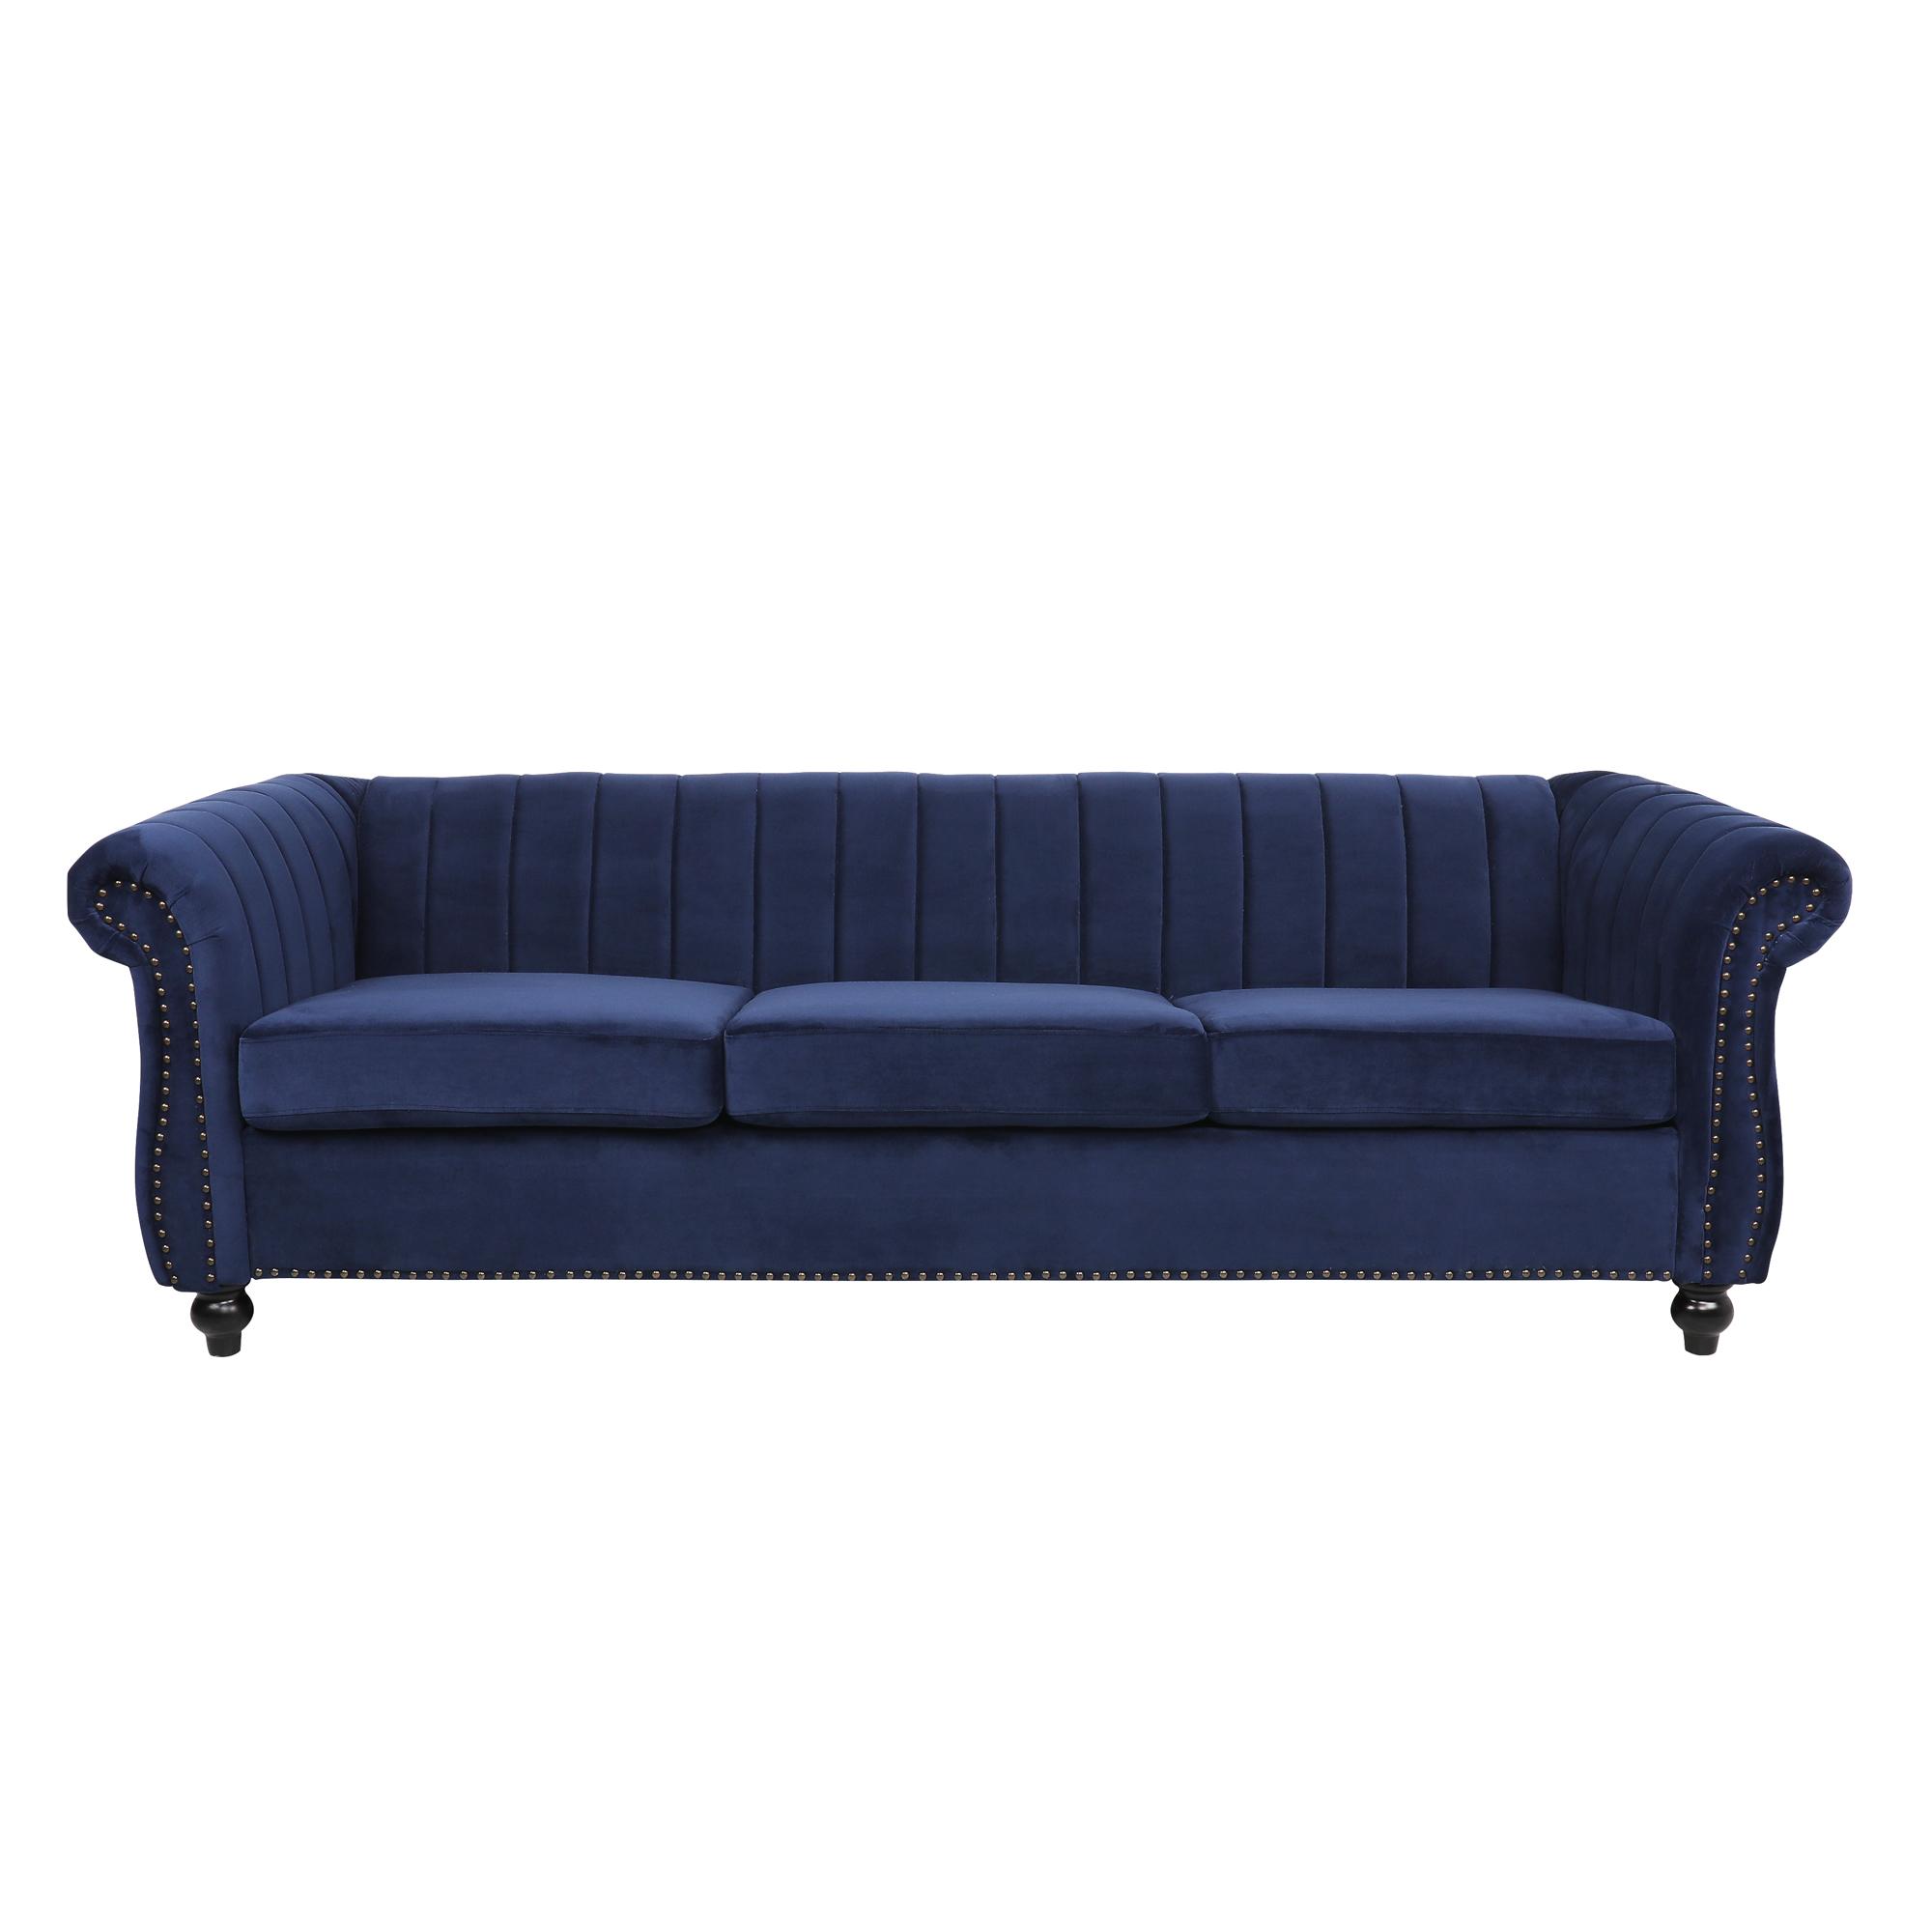 天鹅绒深蓝色3人座沙发/天鹅绒墨绿色3人座沙发